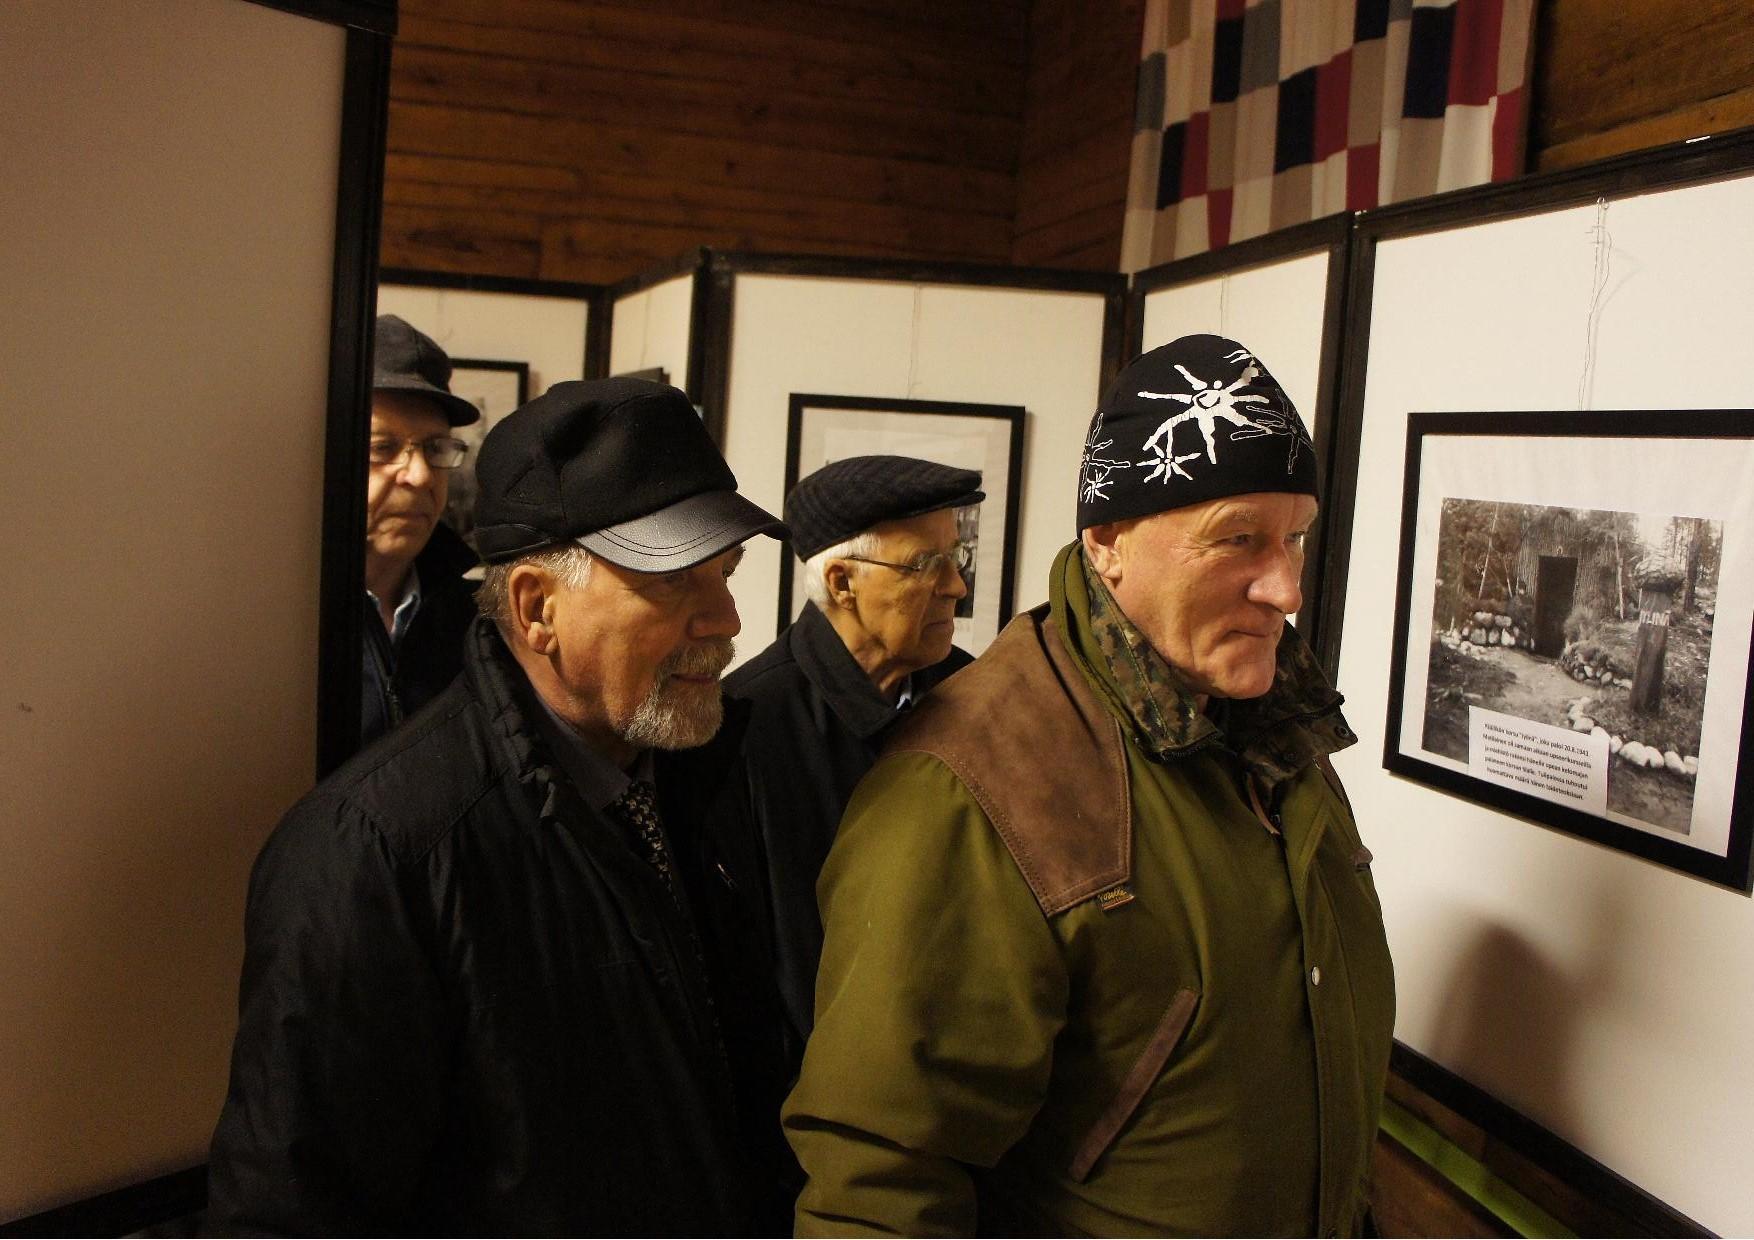 Valokuvanäyttelyyn tutustumassa kyläseuran puheenjolhtaja Heikki Turunen takana veteraani Olavi Tiittanen sekä Tauno Oksanen.